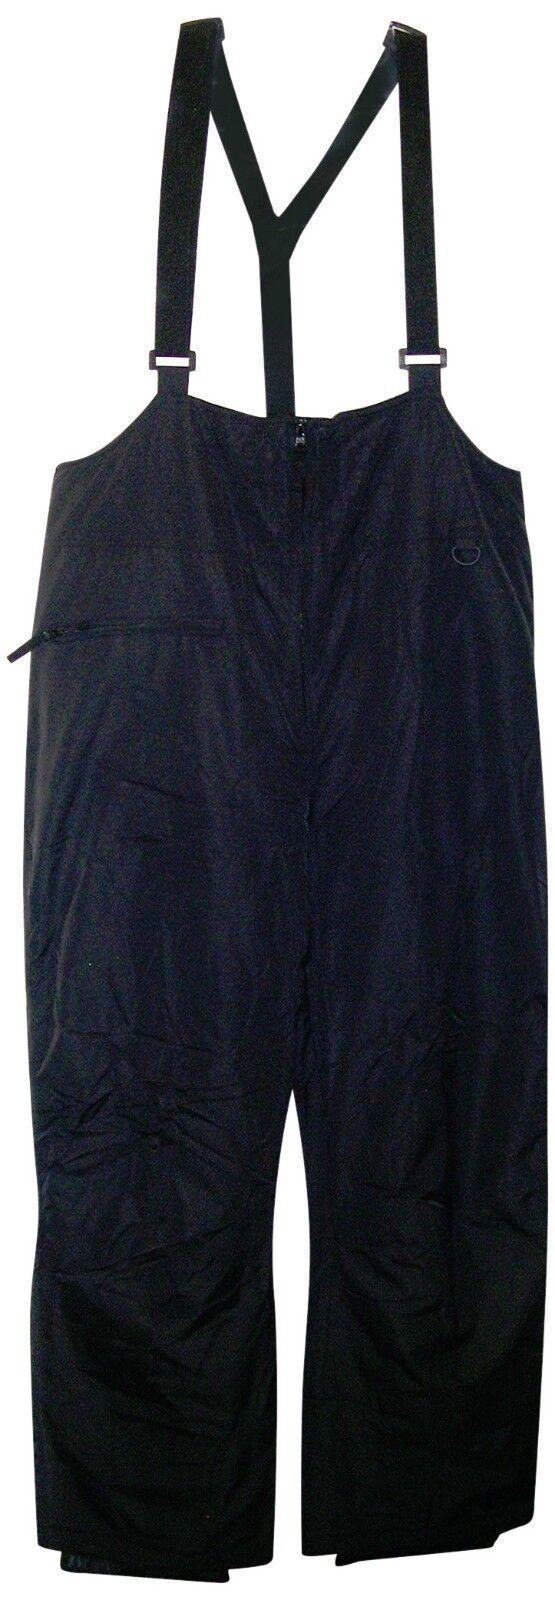 New  Pulse Mens Big Sizes Ski Bibs 2X 3X 4X 5X 6X 7X  Insulated Snow Pants Blk  save 60% discount